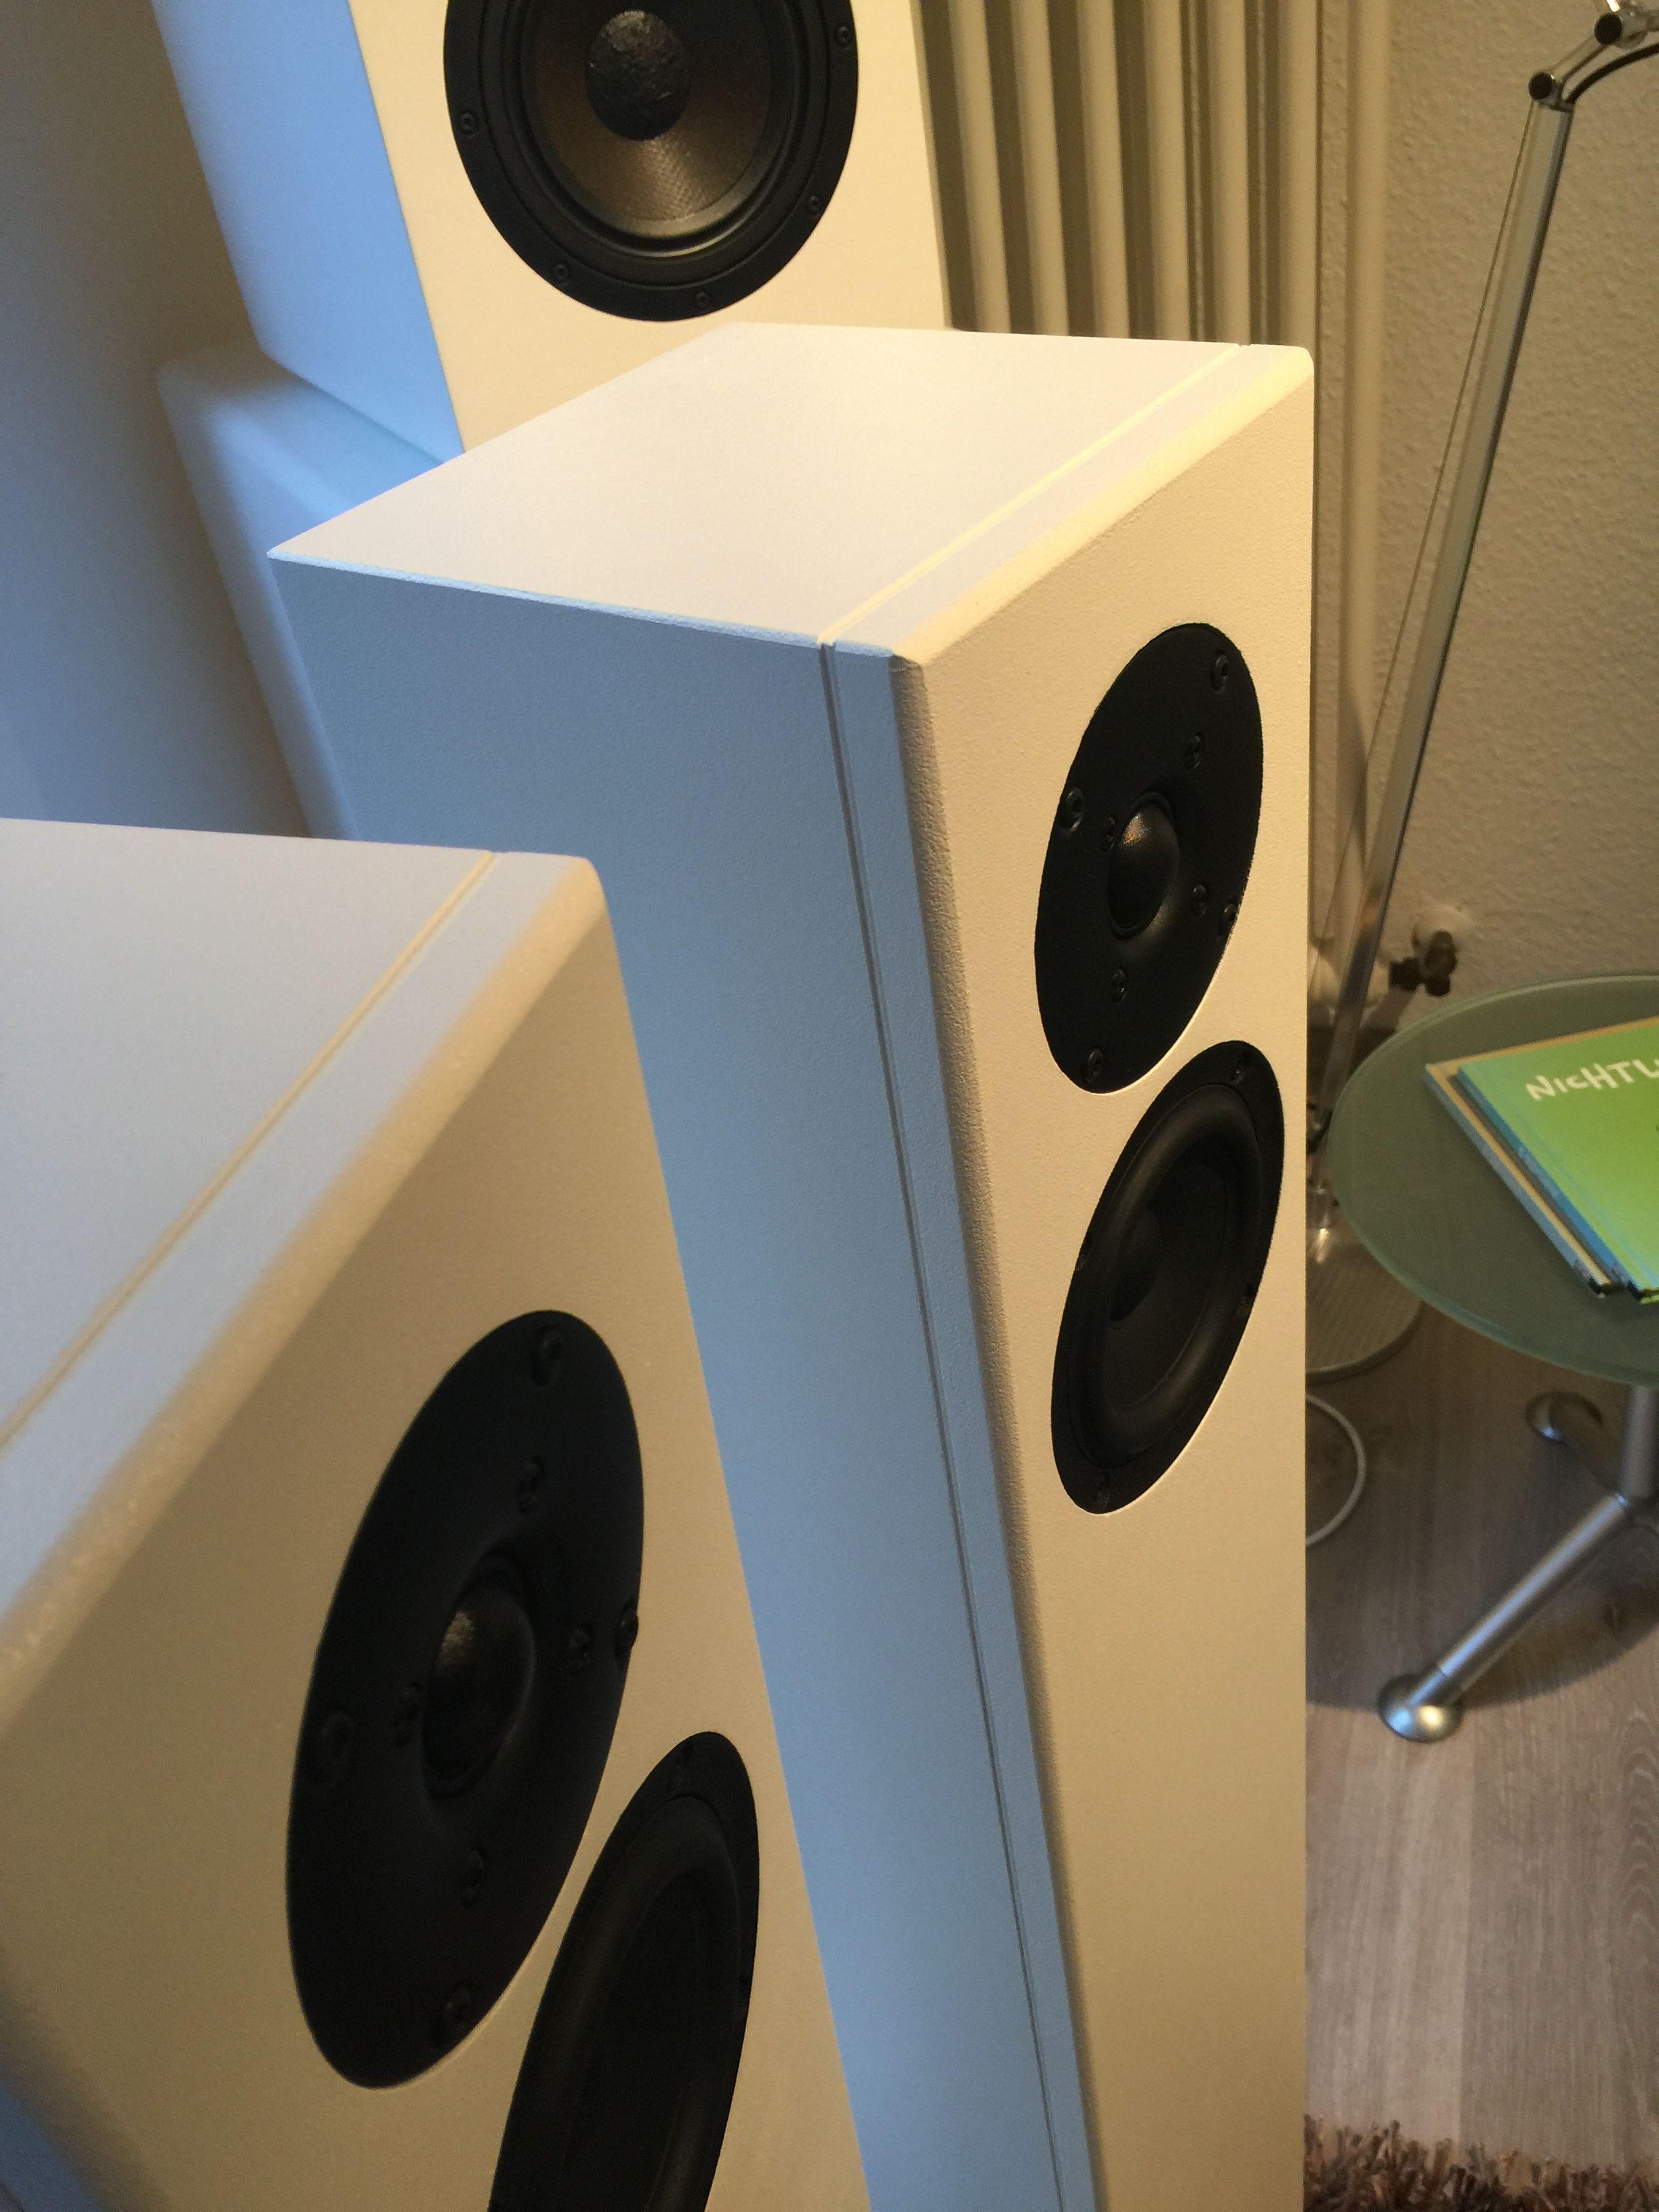 schlanker Speaker mit vollem Sound! Farbe Warnex weiß, umlaufend ...